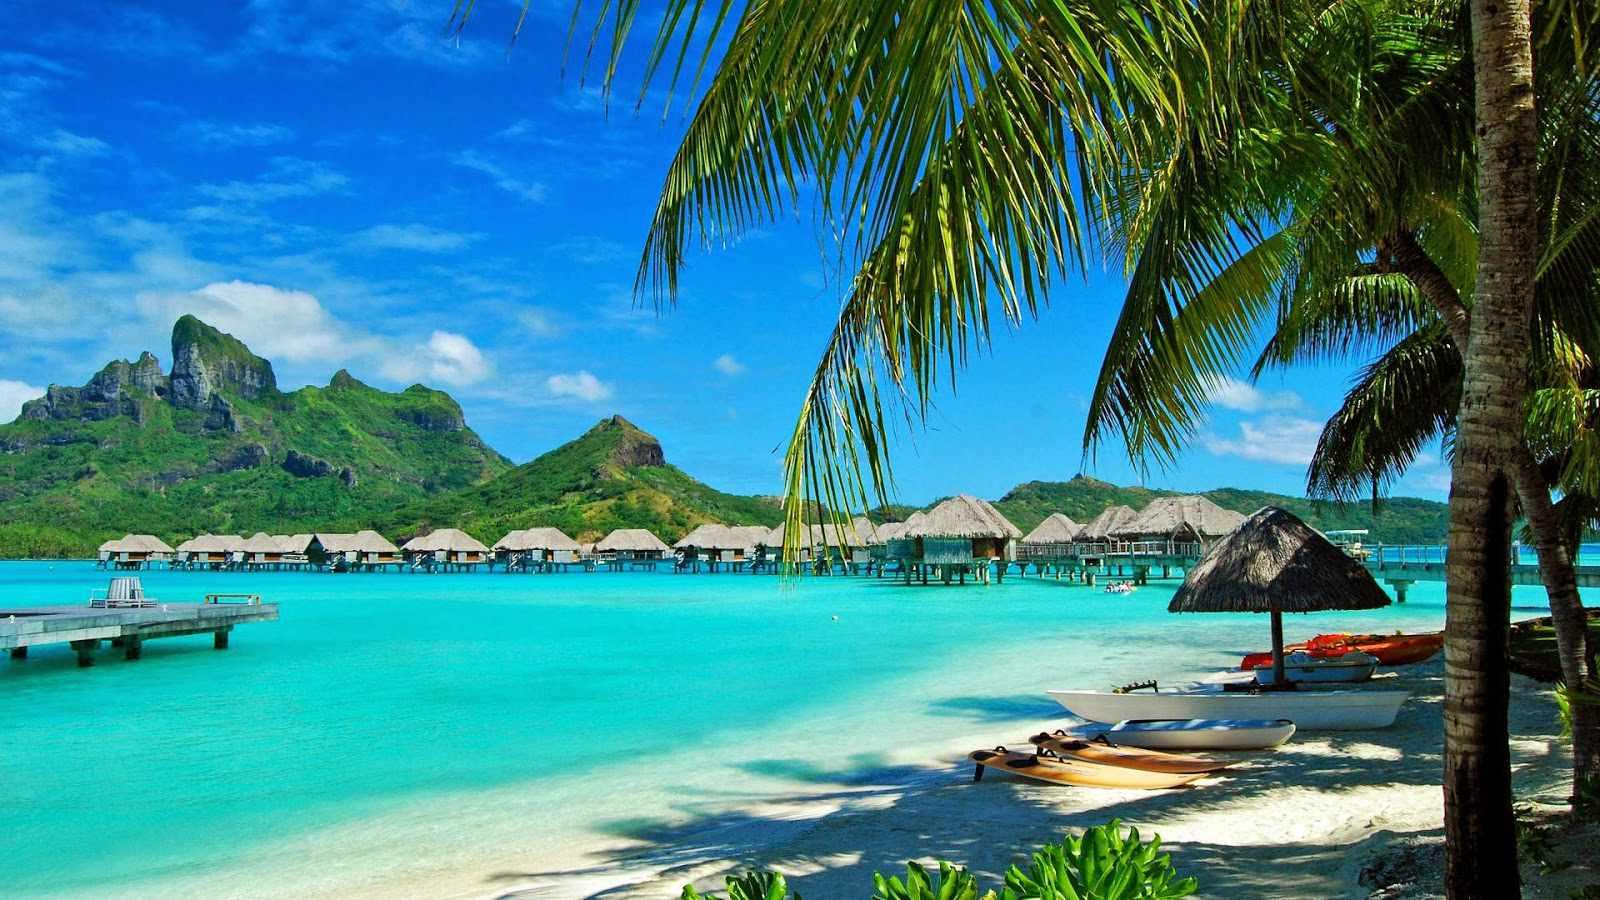 Tour du lịch miền Nam - Đảo Ngọc Phú Quốc